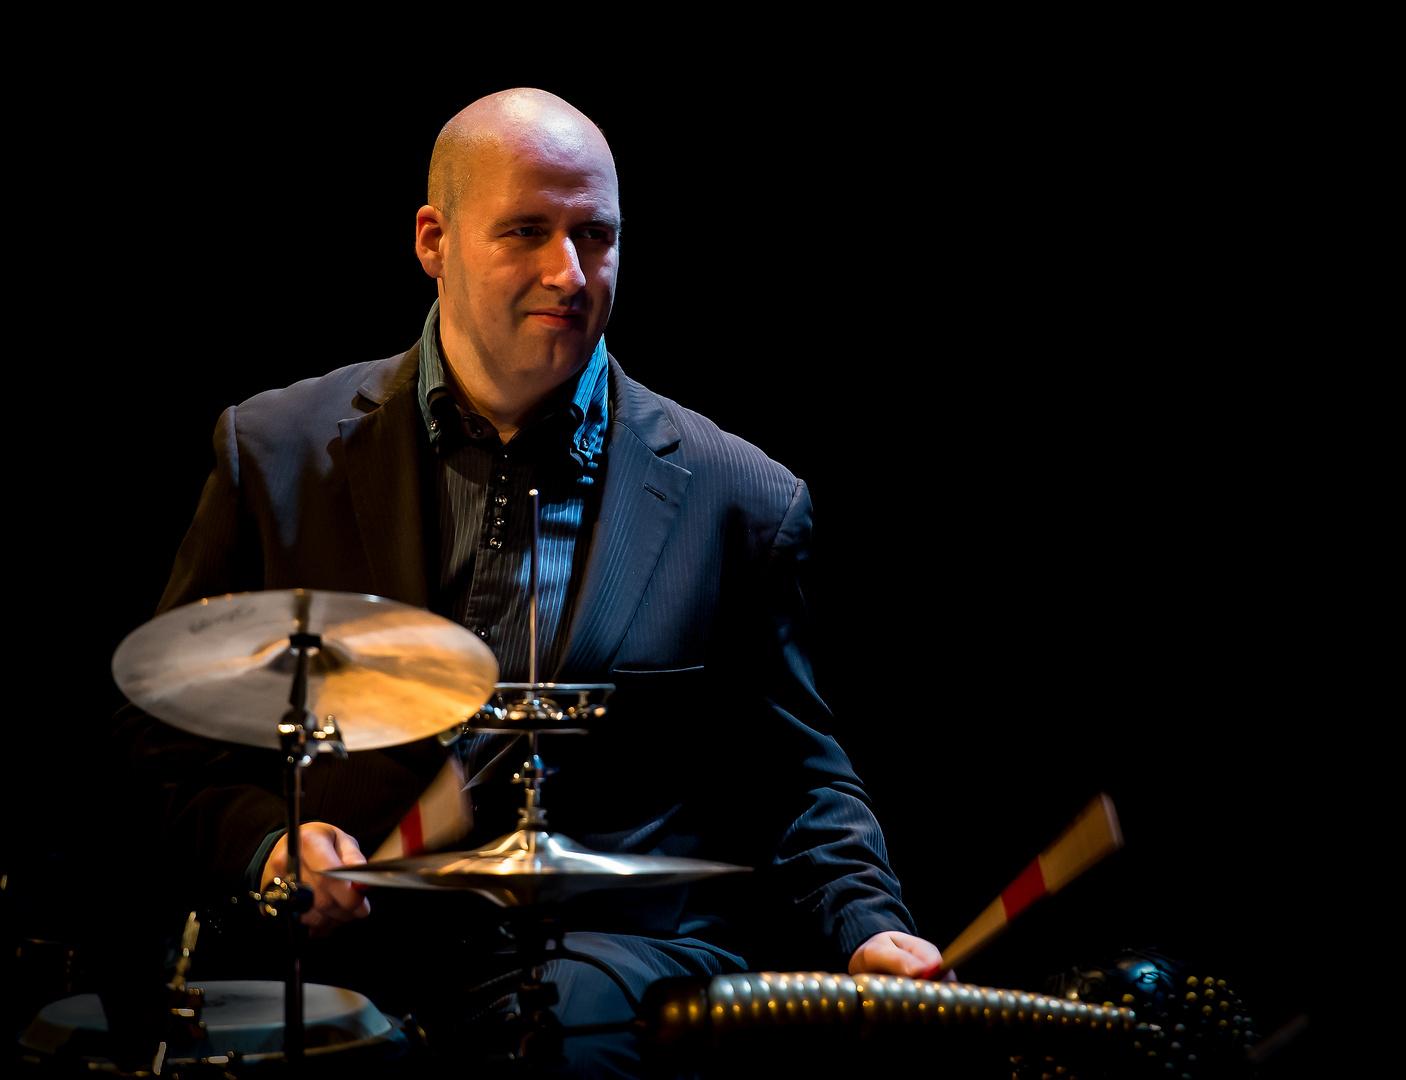 Andreas Keller, drums